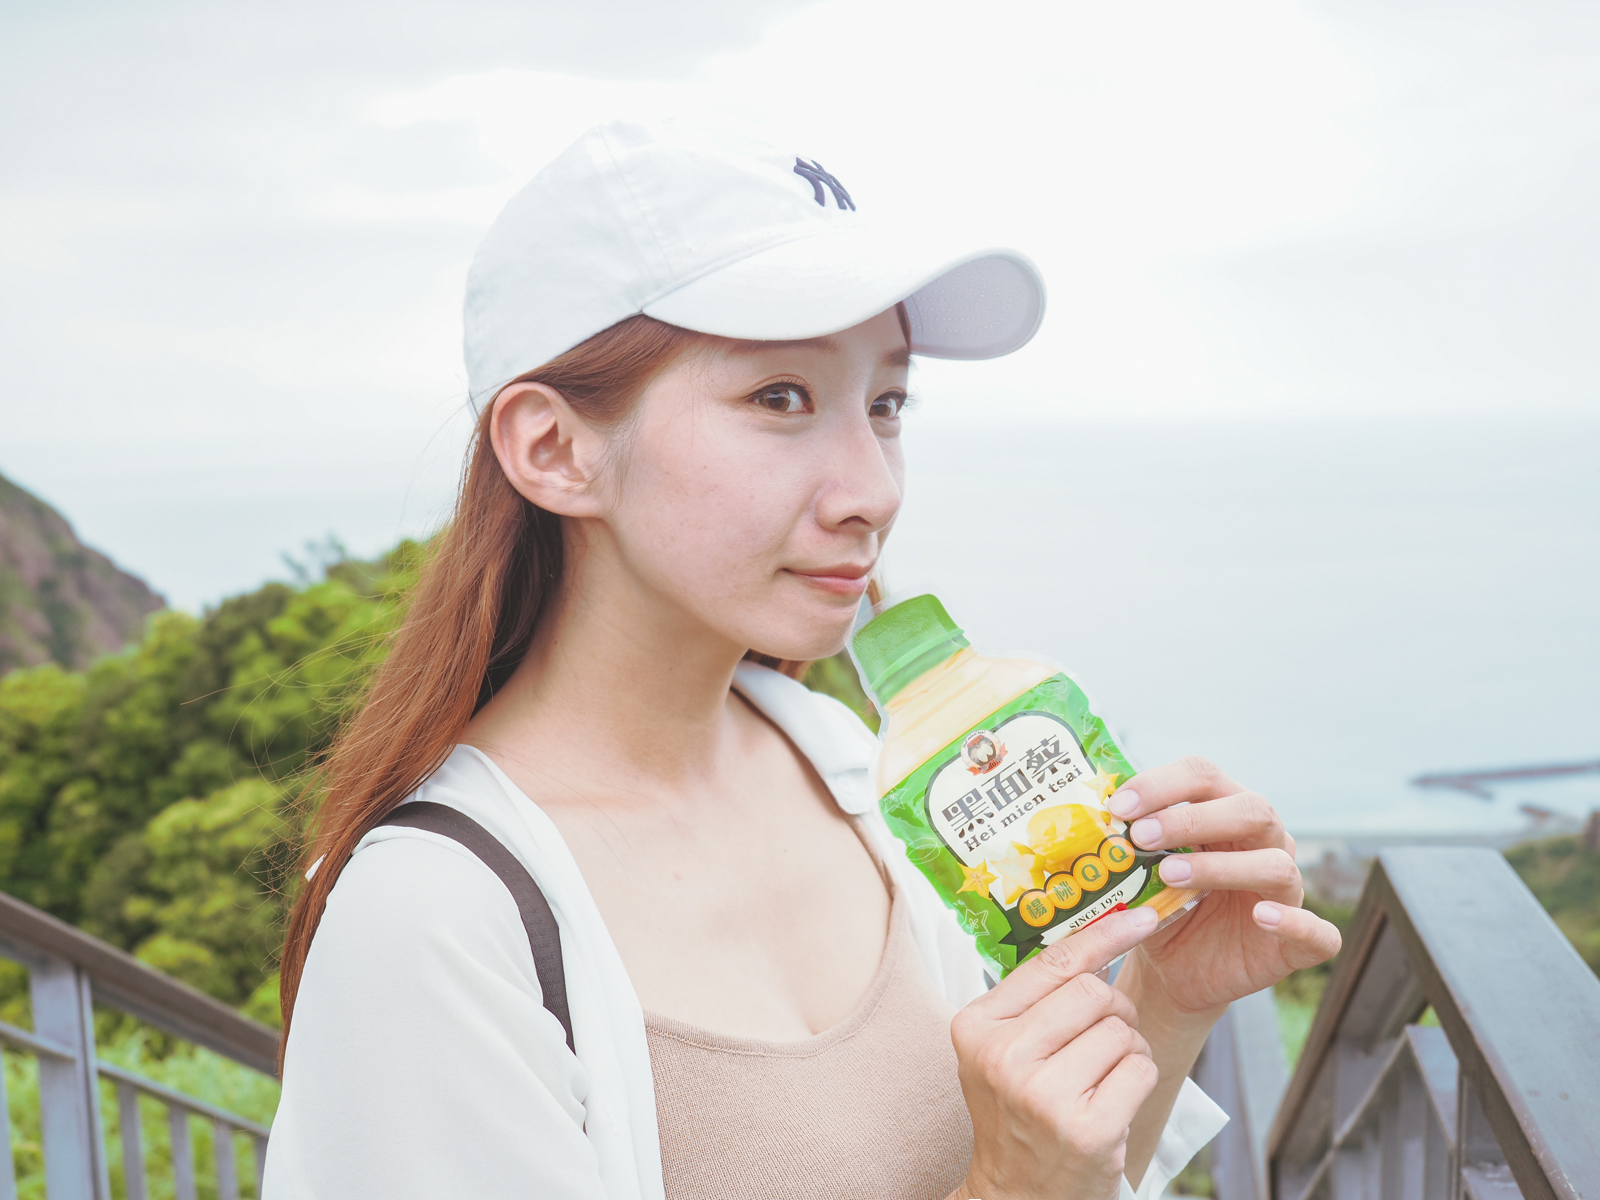 黑面蔡楊桃QQ軟糖 全家獨賣 一入口酸甜滋味就是兒時夏天回憶!